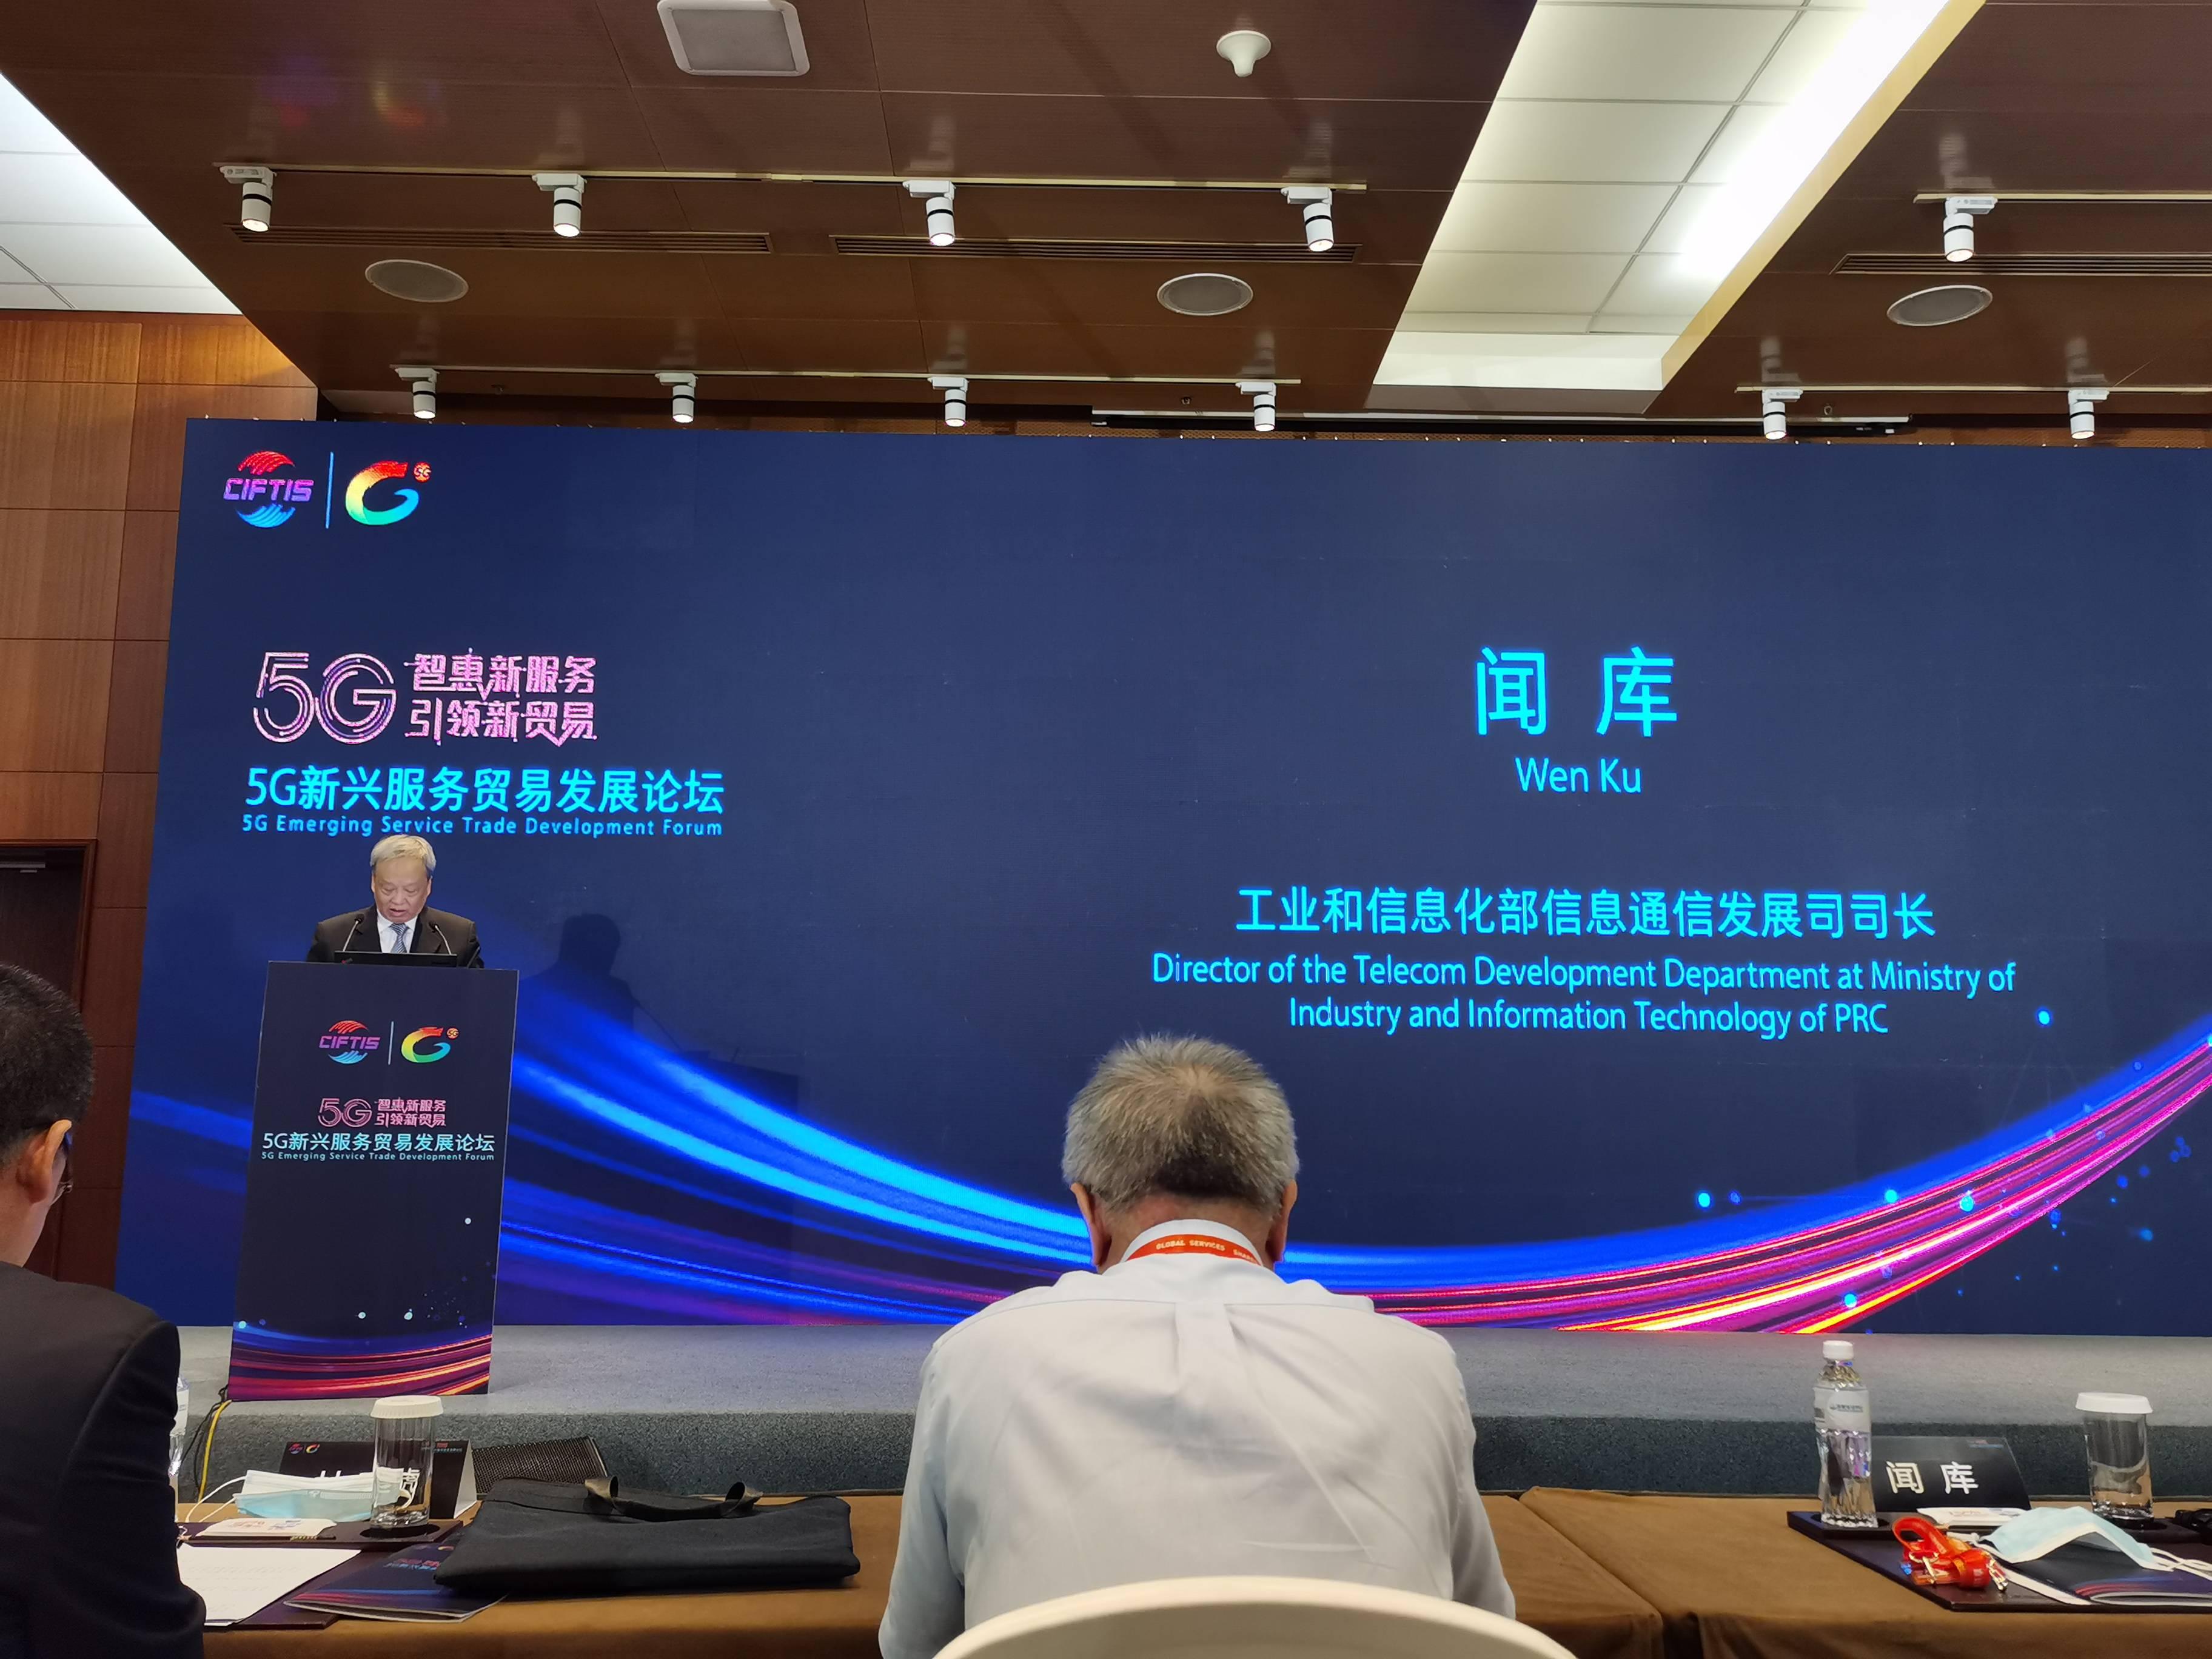 工信部信息通信发展司司长闻库:目前全国建成5G基站超48万个